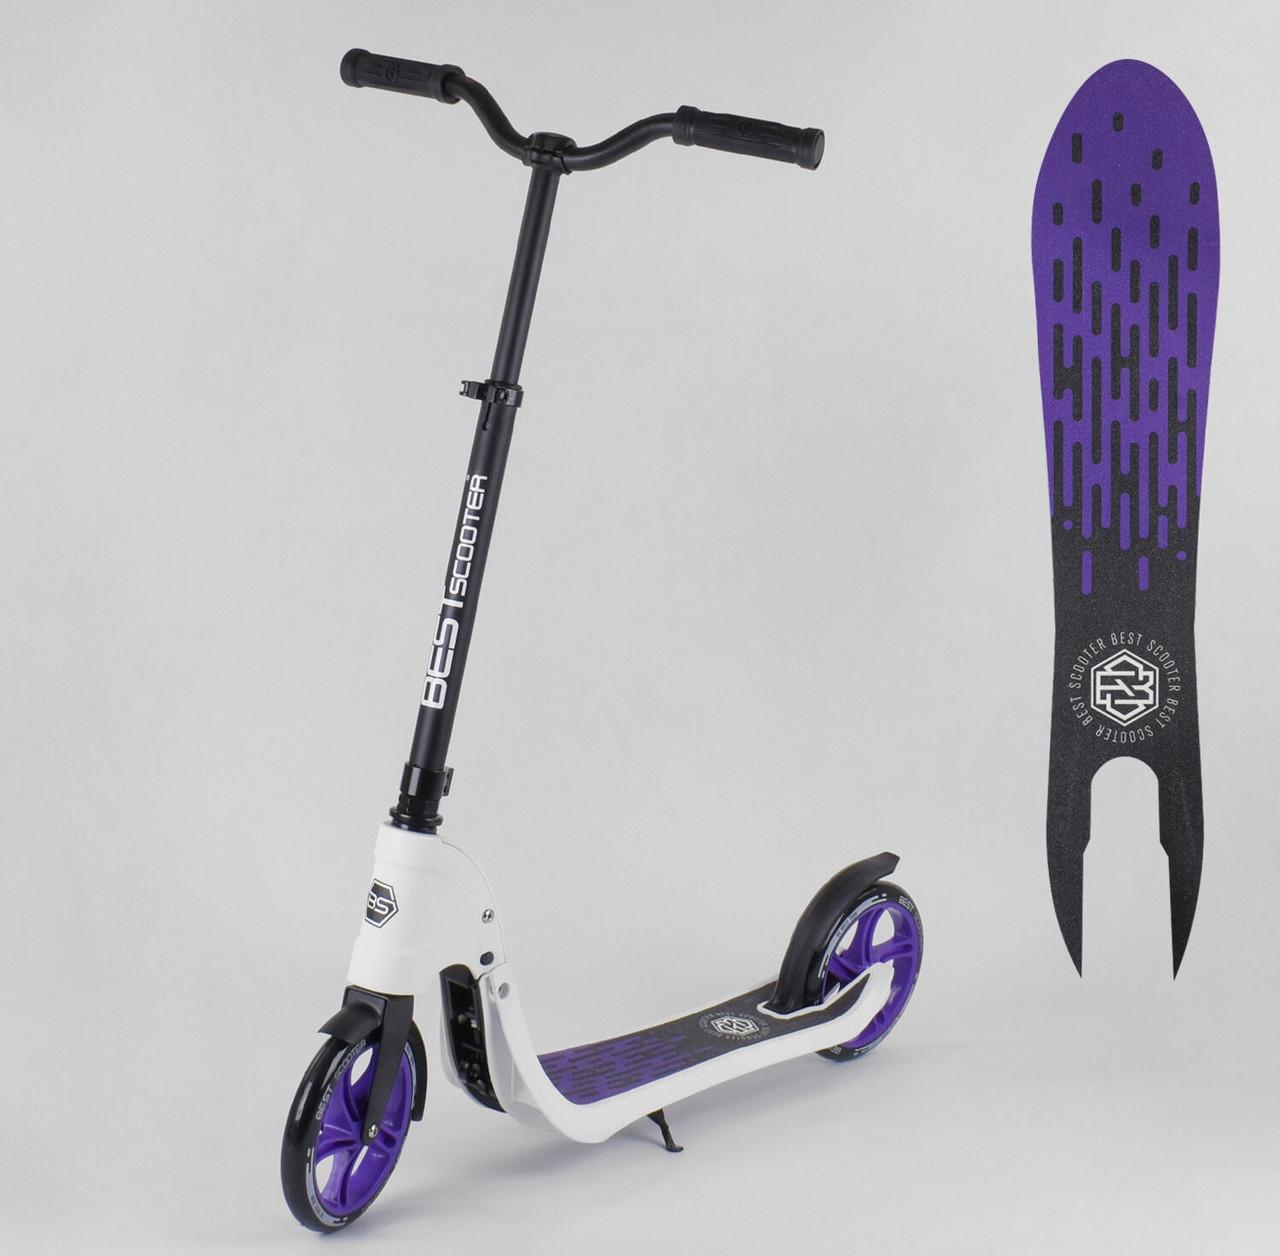 """Прогулянковий двоколісний самокат 90003 """"Best Scooter"""" з широким велосипедним кермом, фіолетовий"""